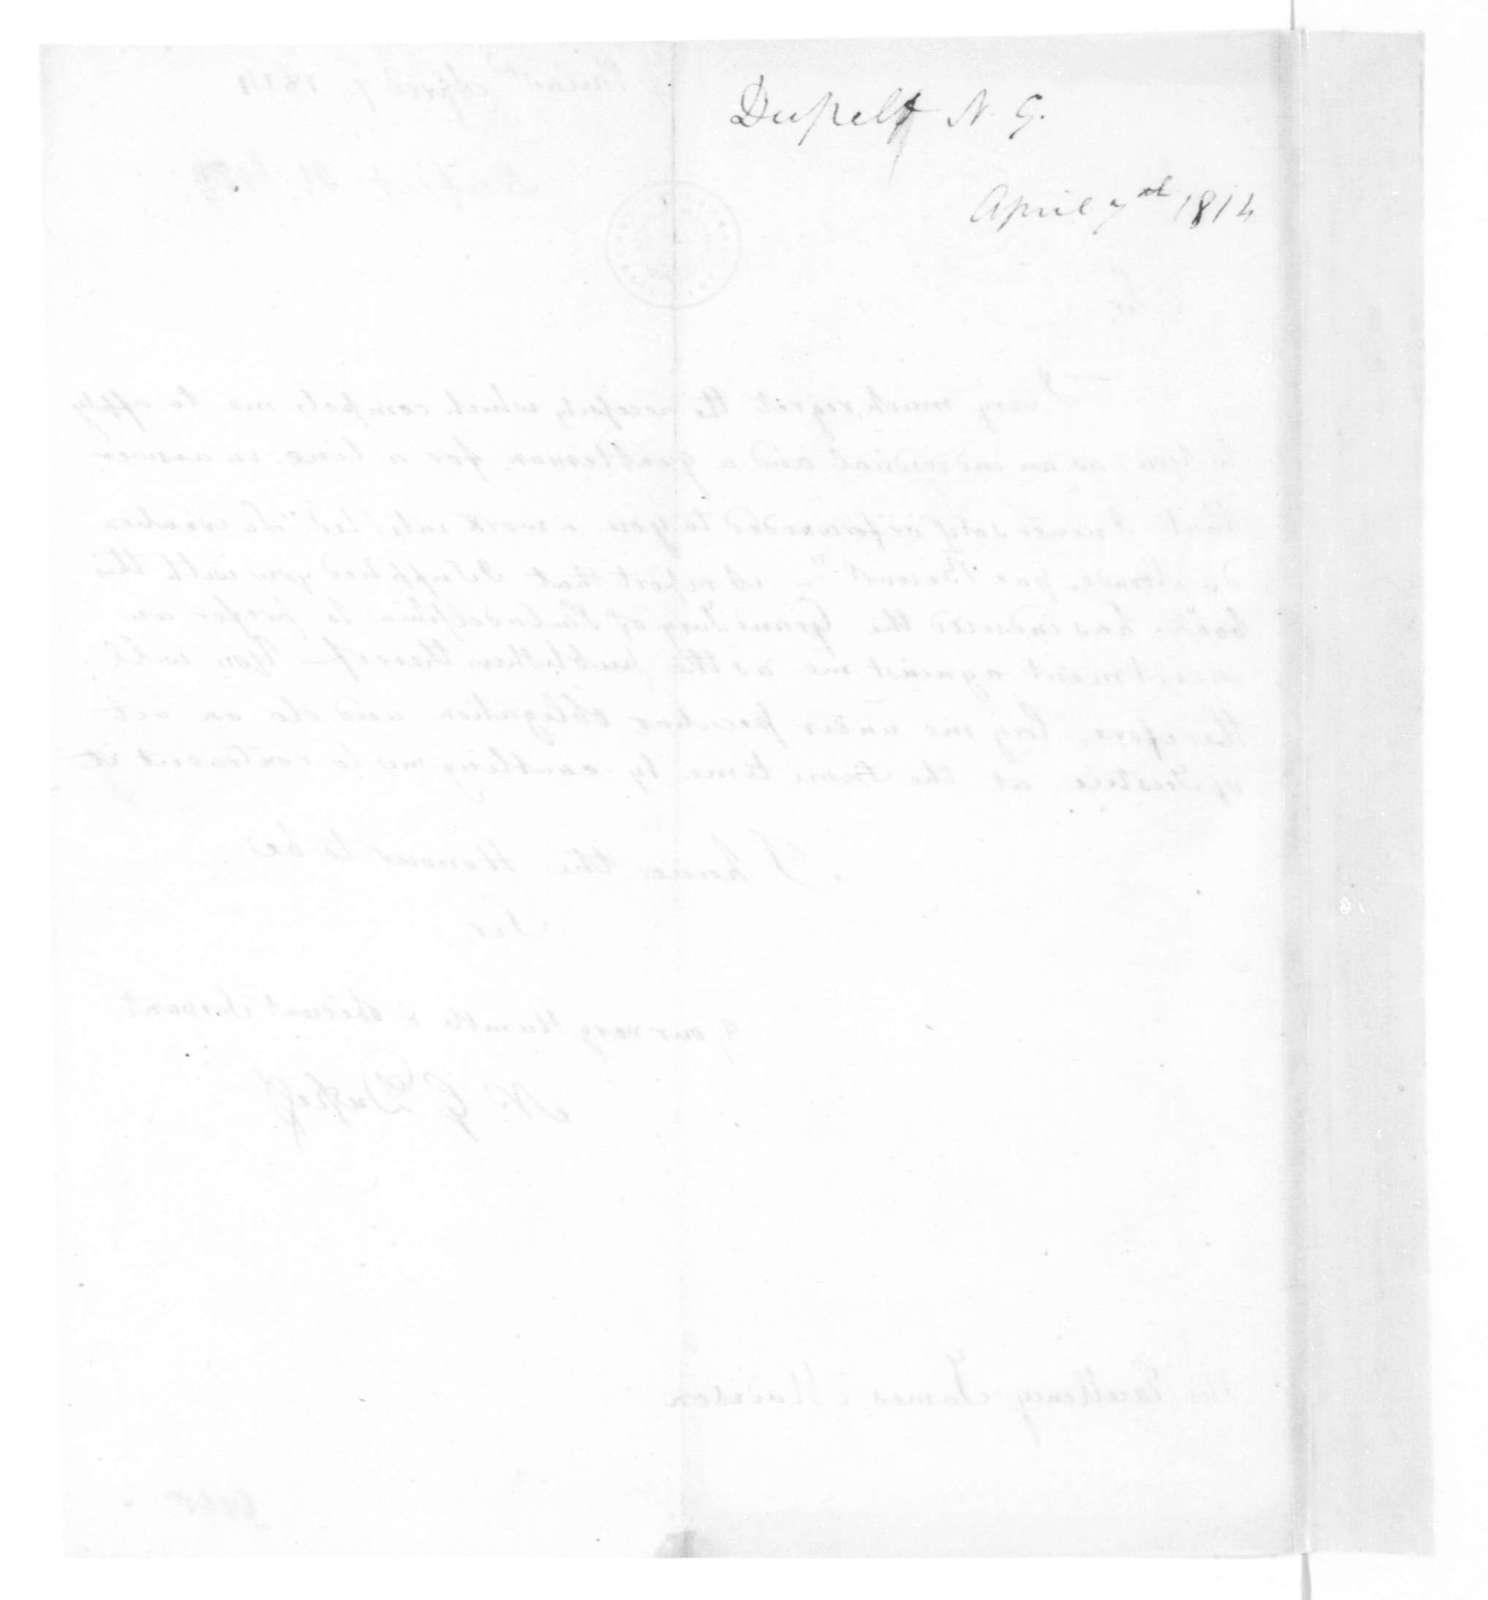 N. G. Dupret to James Madison, April 7, 1814.